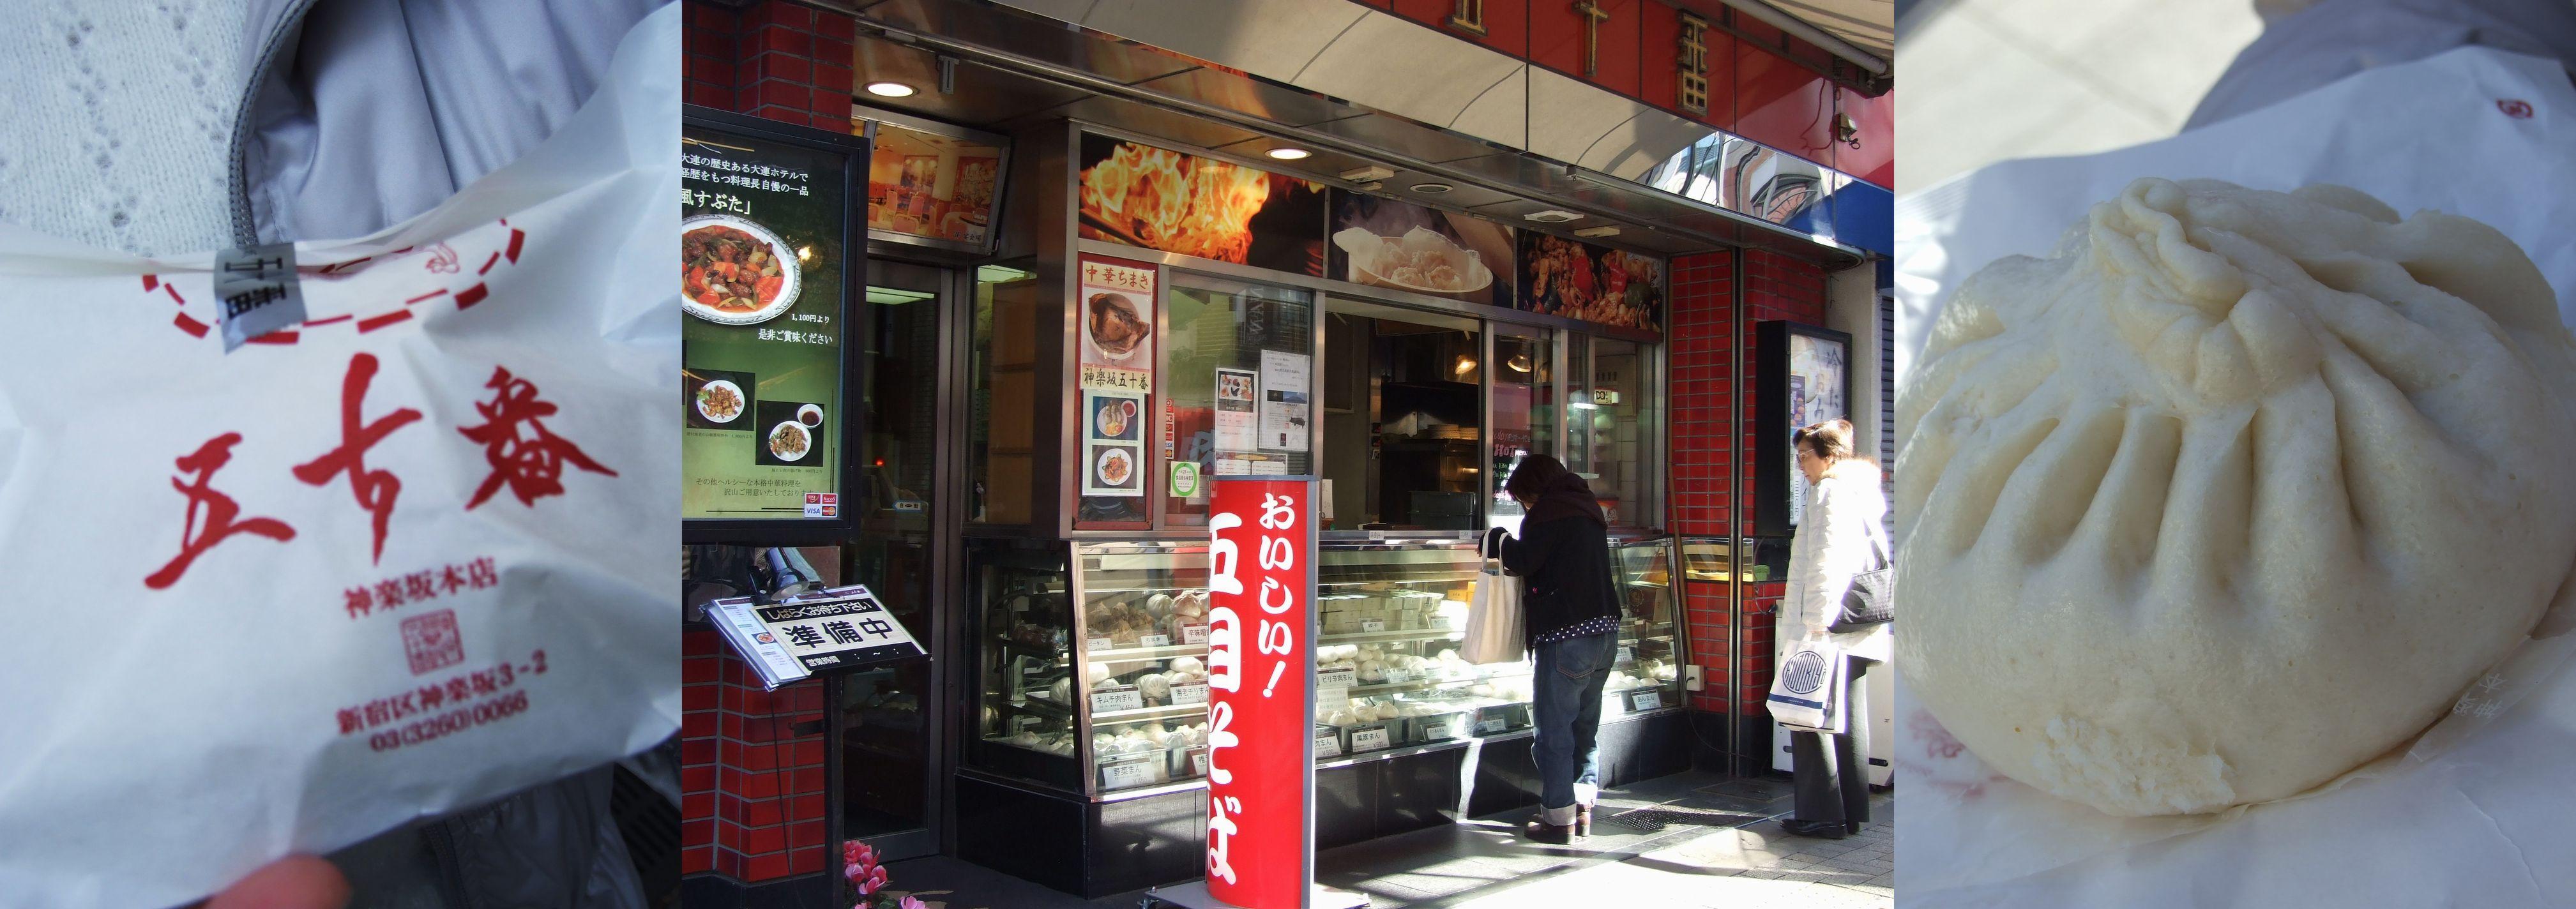 神楽坂・五十番本店 美味い肉まん